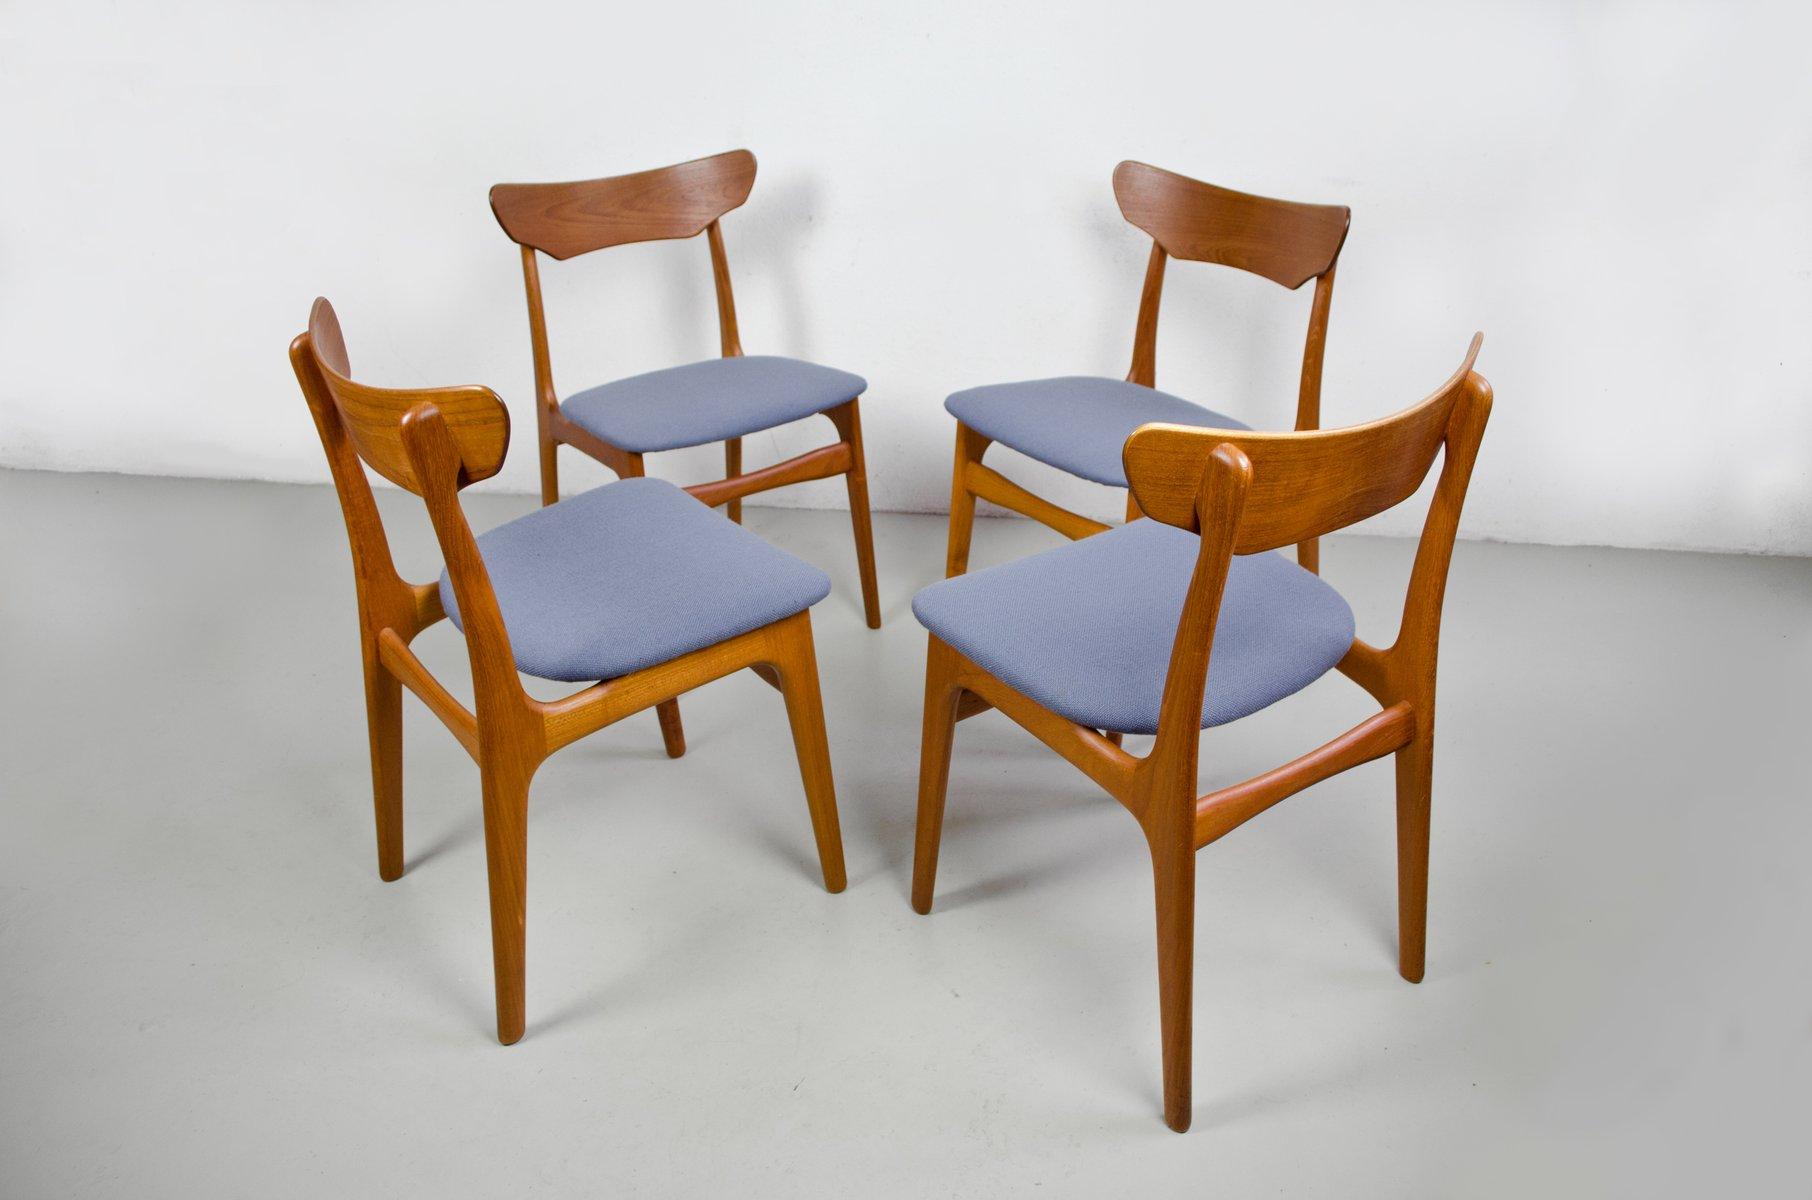 Vintage Teak Dining Chairs From Schiønning U0026 Elgaard, Set Of 4